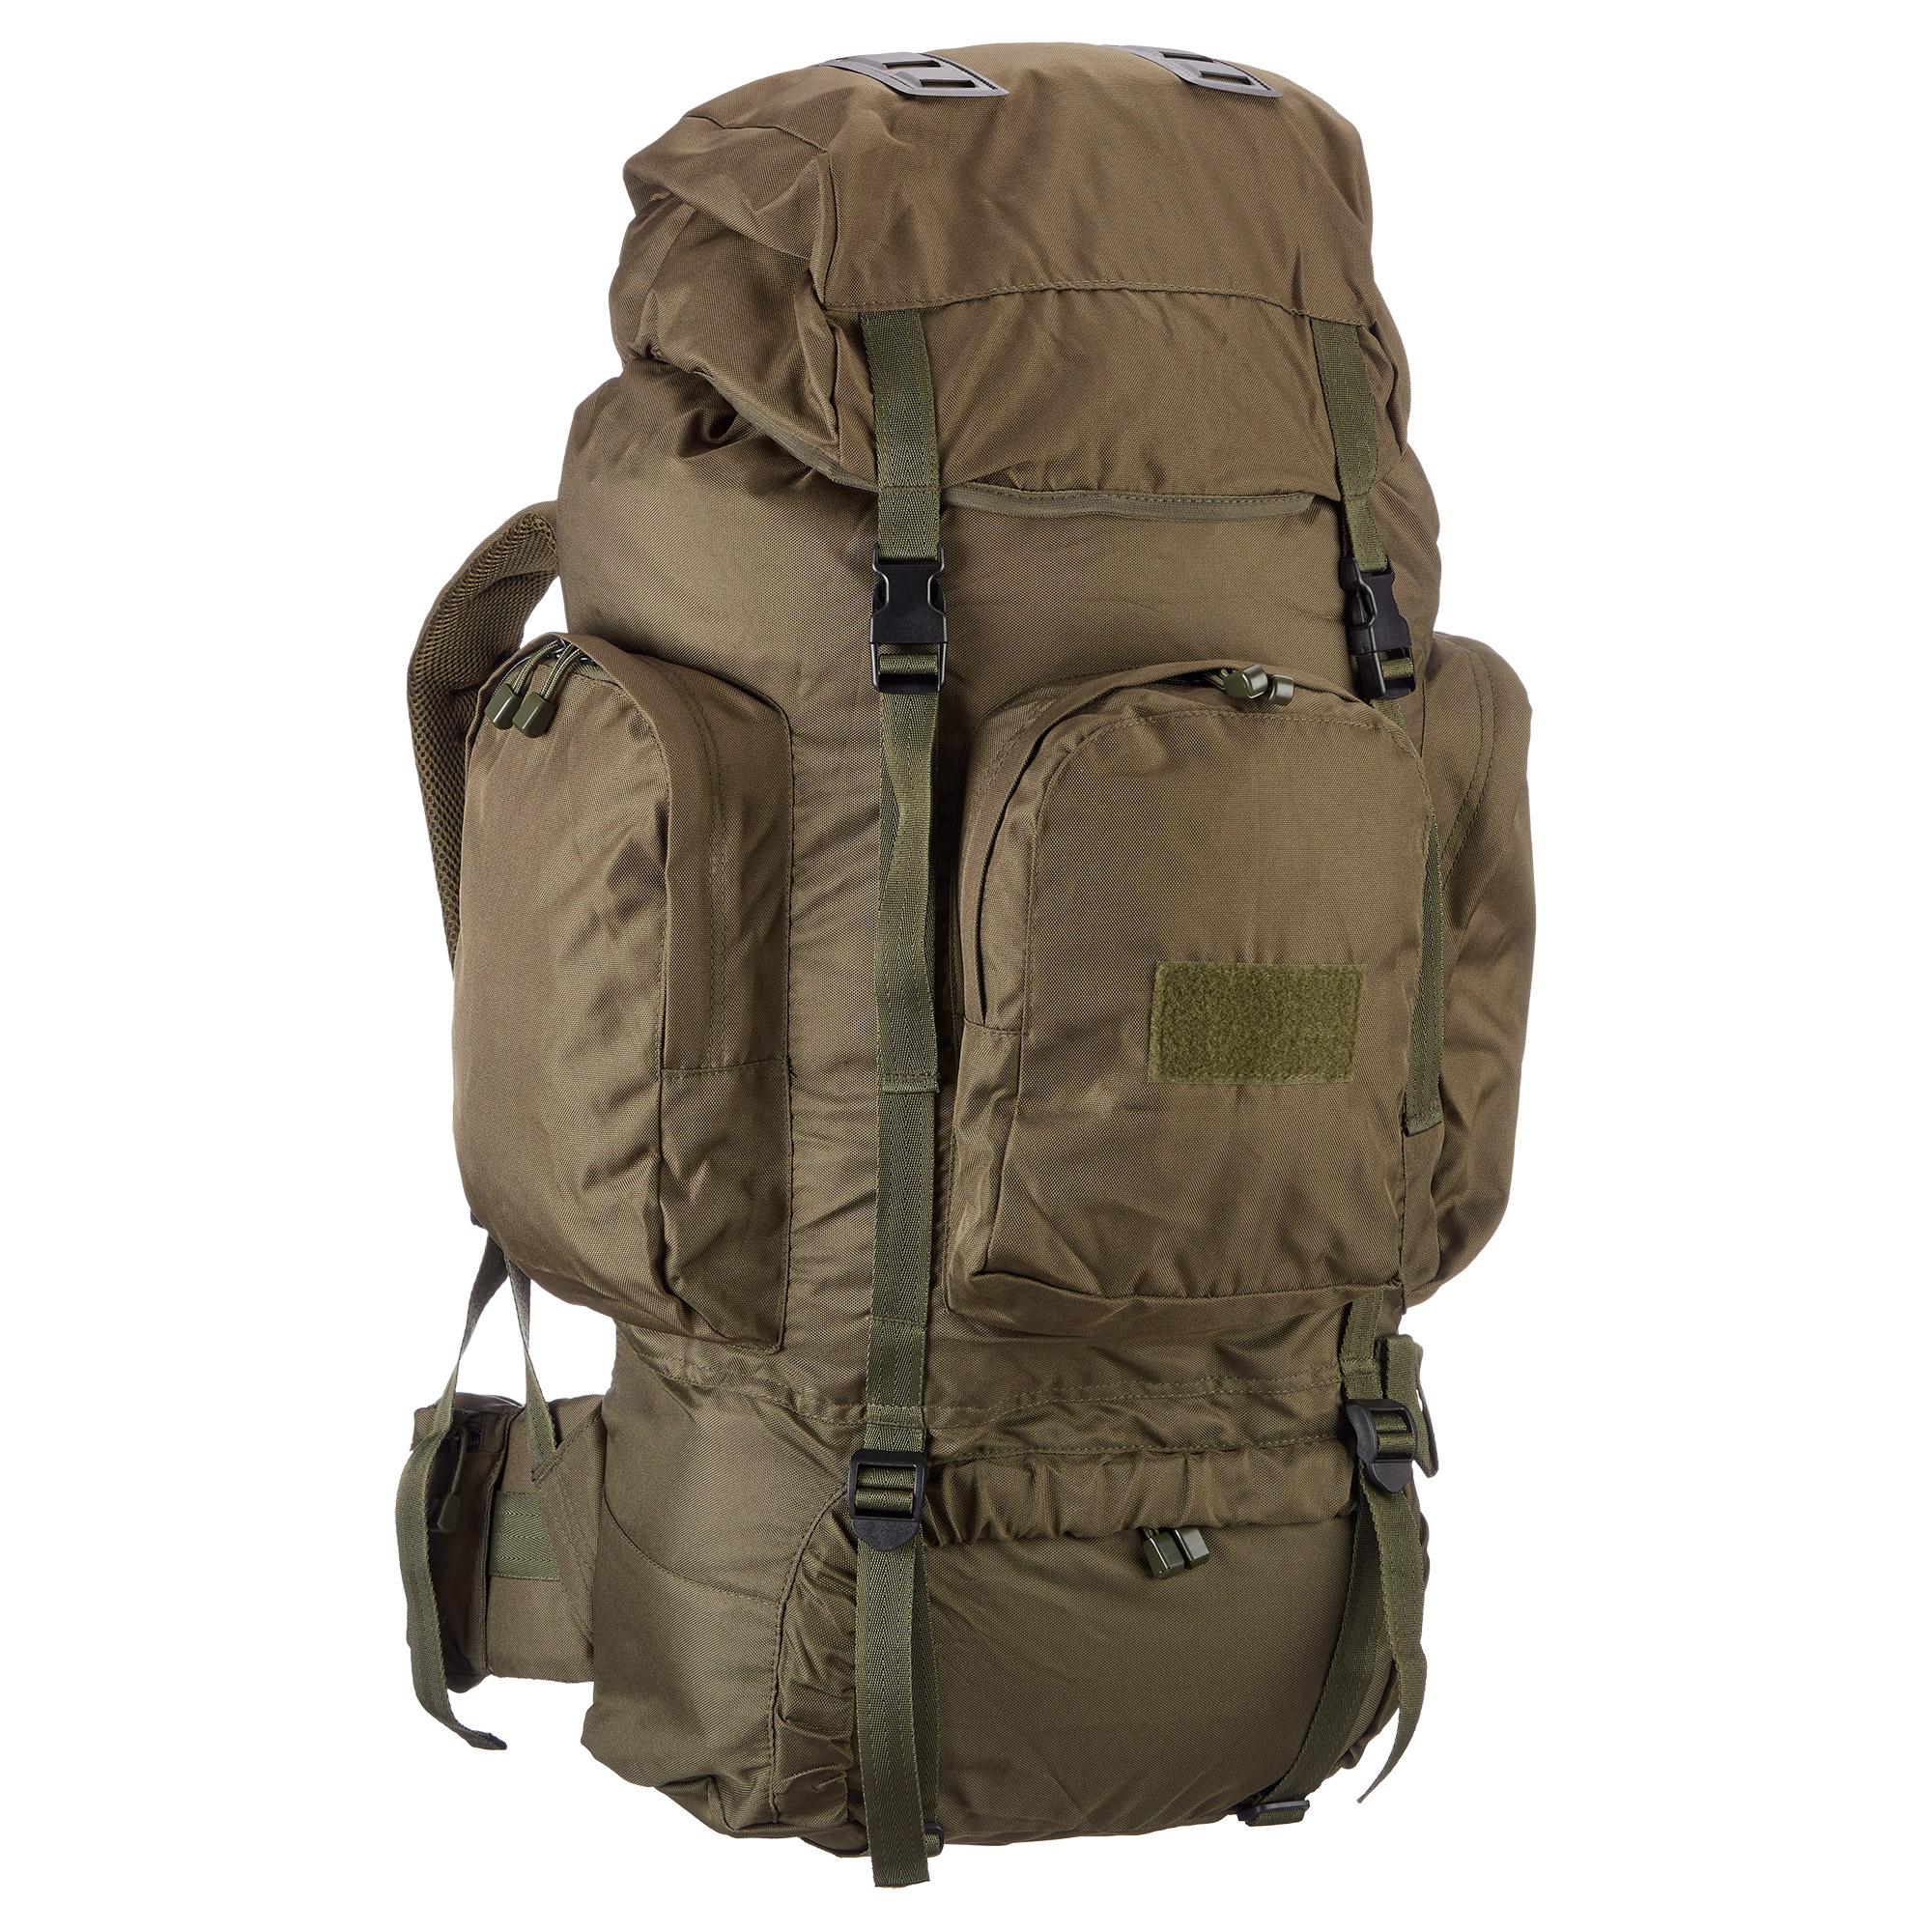 Backpack Mil-Tec Recom PES olive